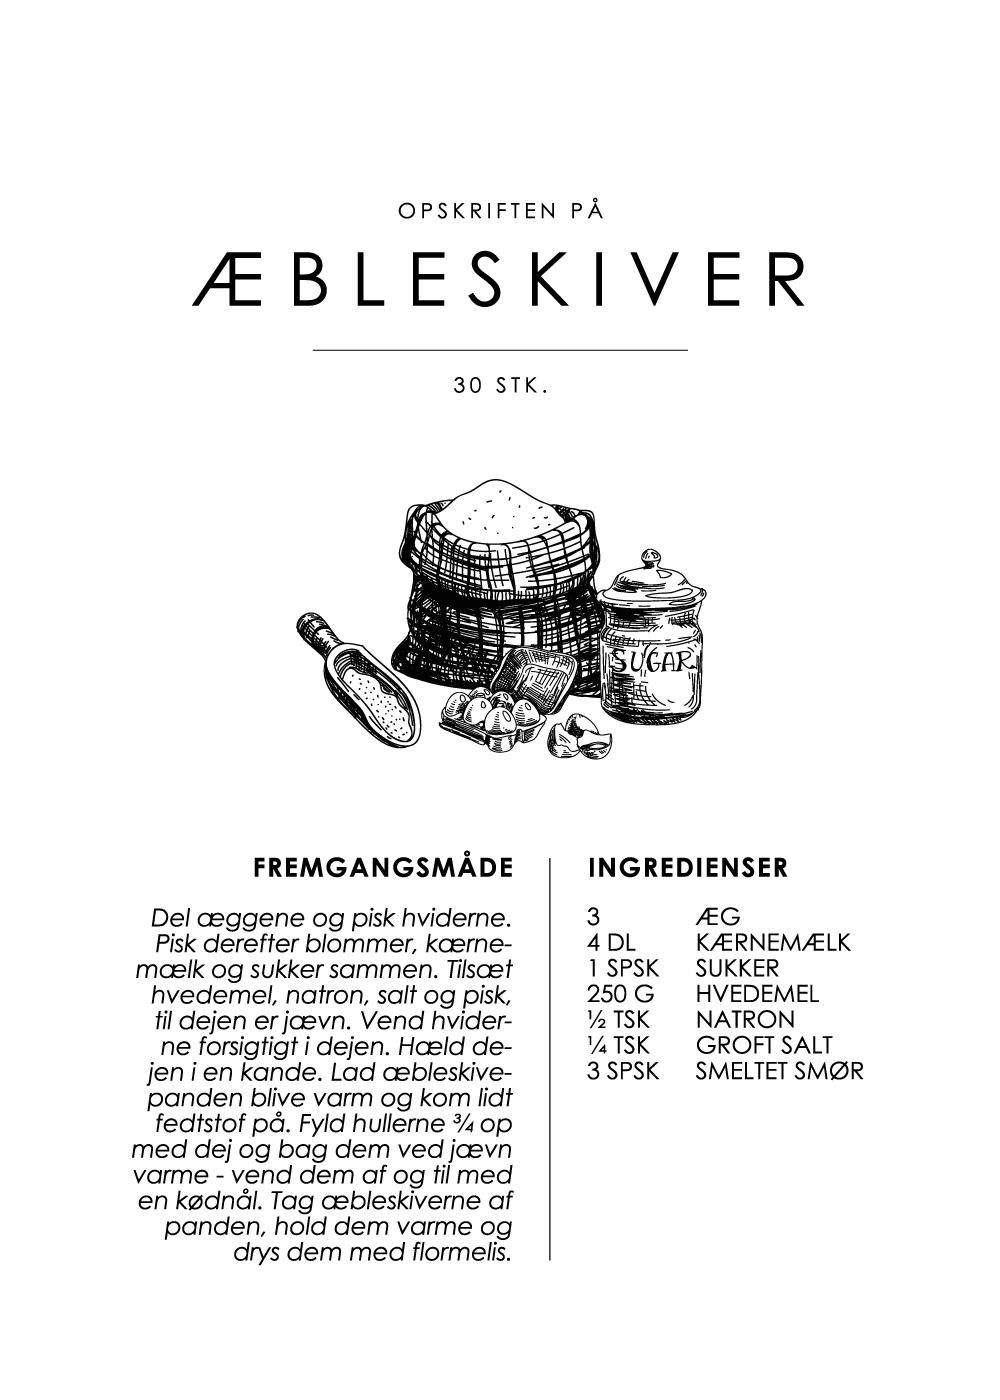 Billede af Æbleskiver opskrift - Kage guide plakat